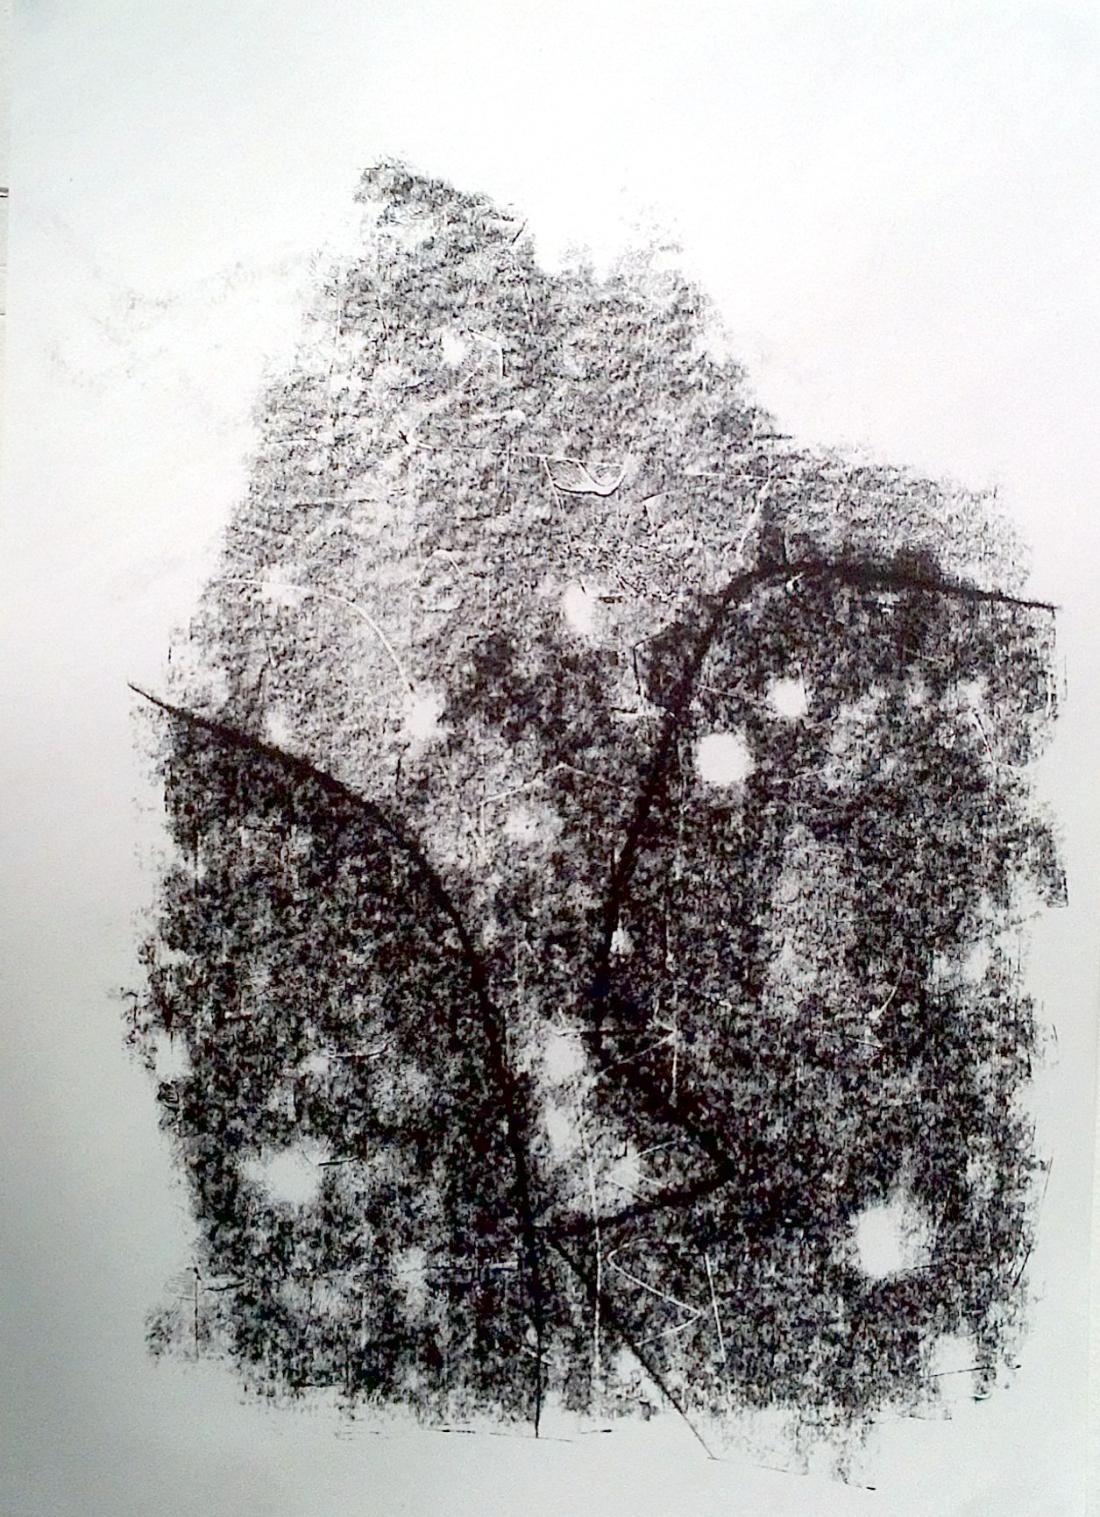 Sera James irvine, The zigzag path. Ink